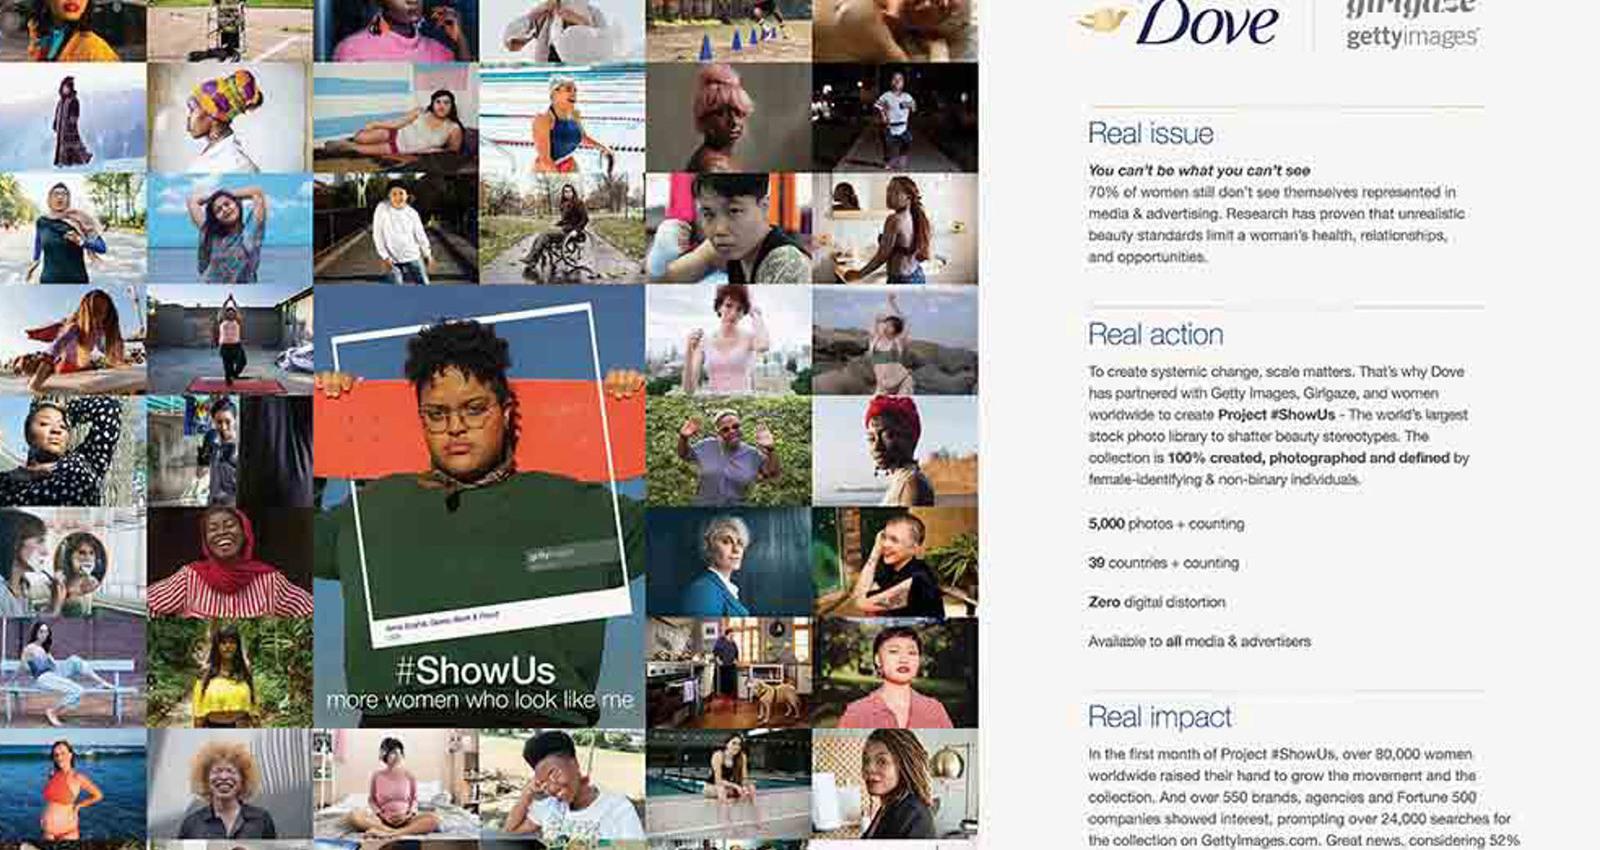 Project #ShowUs